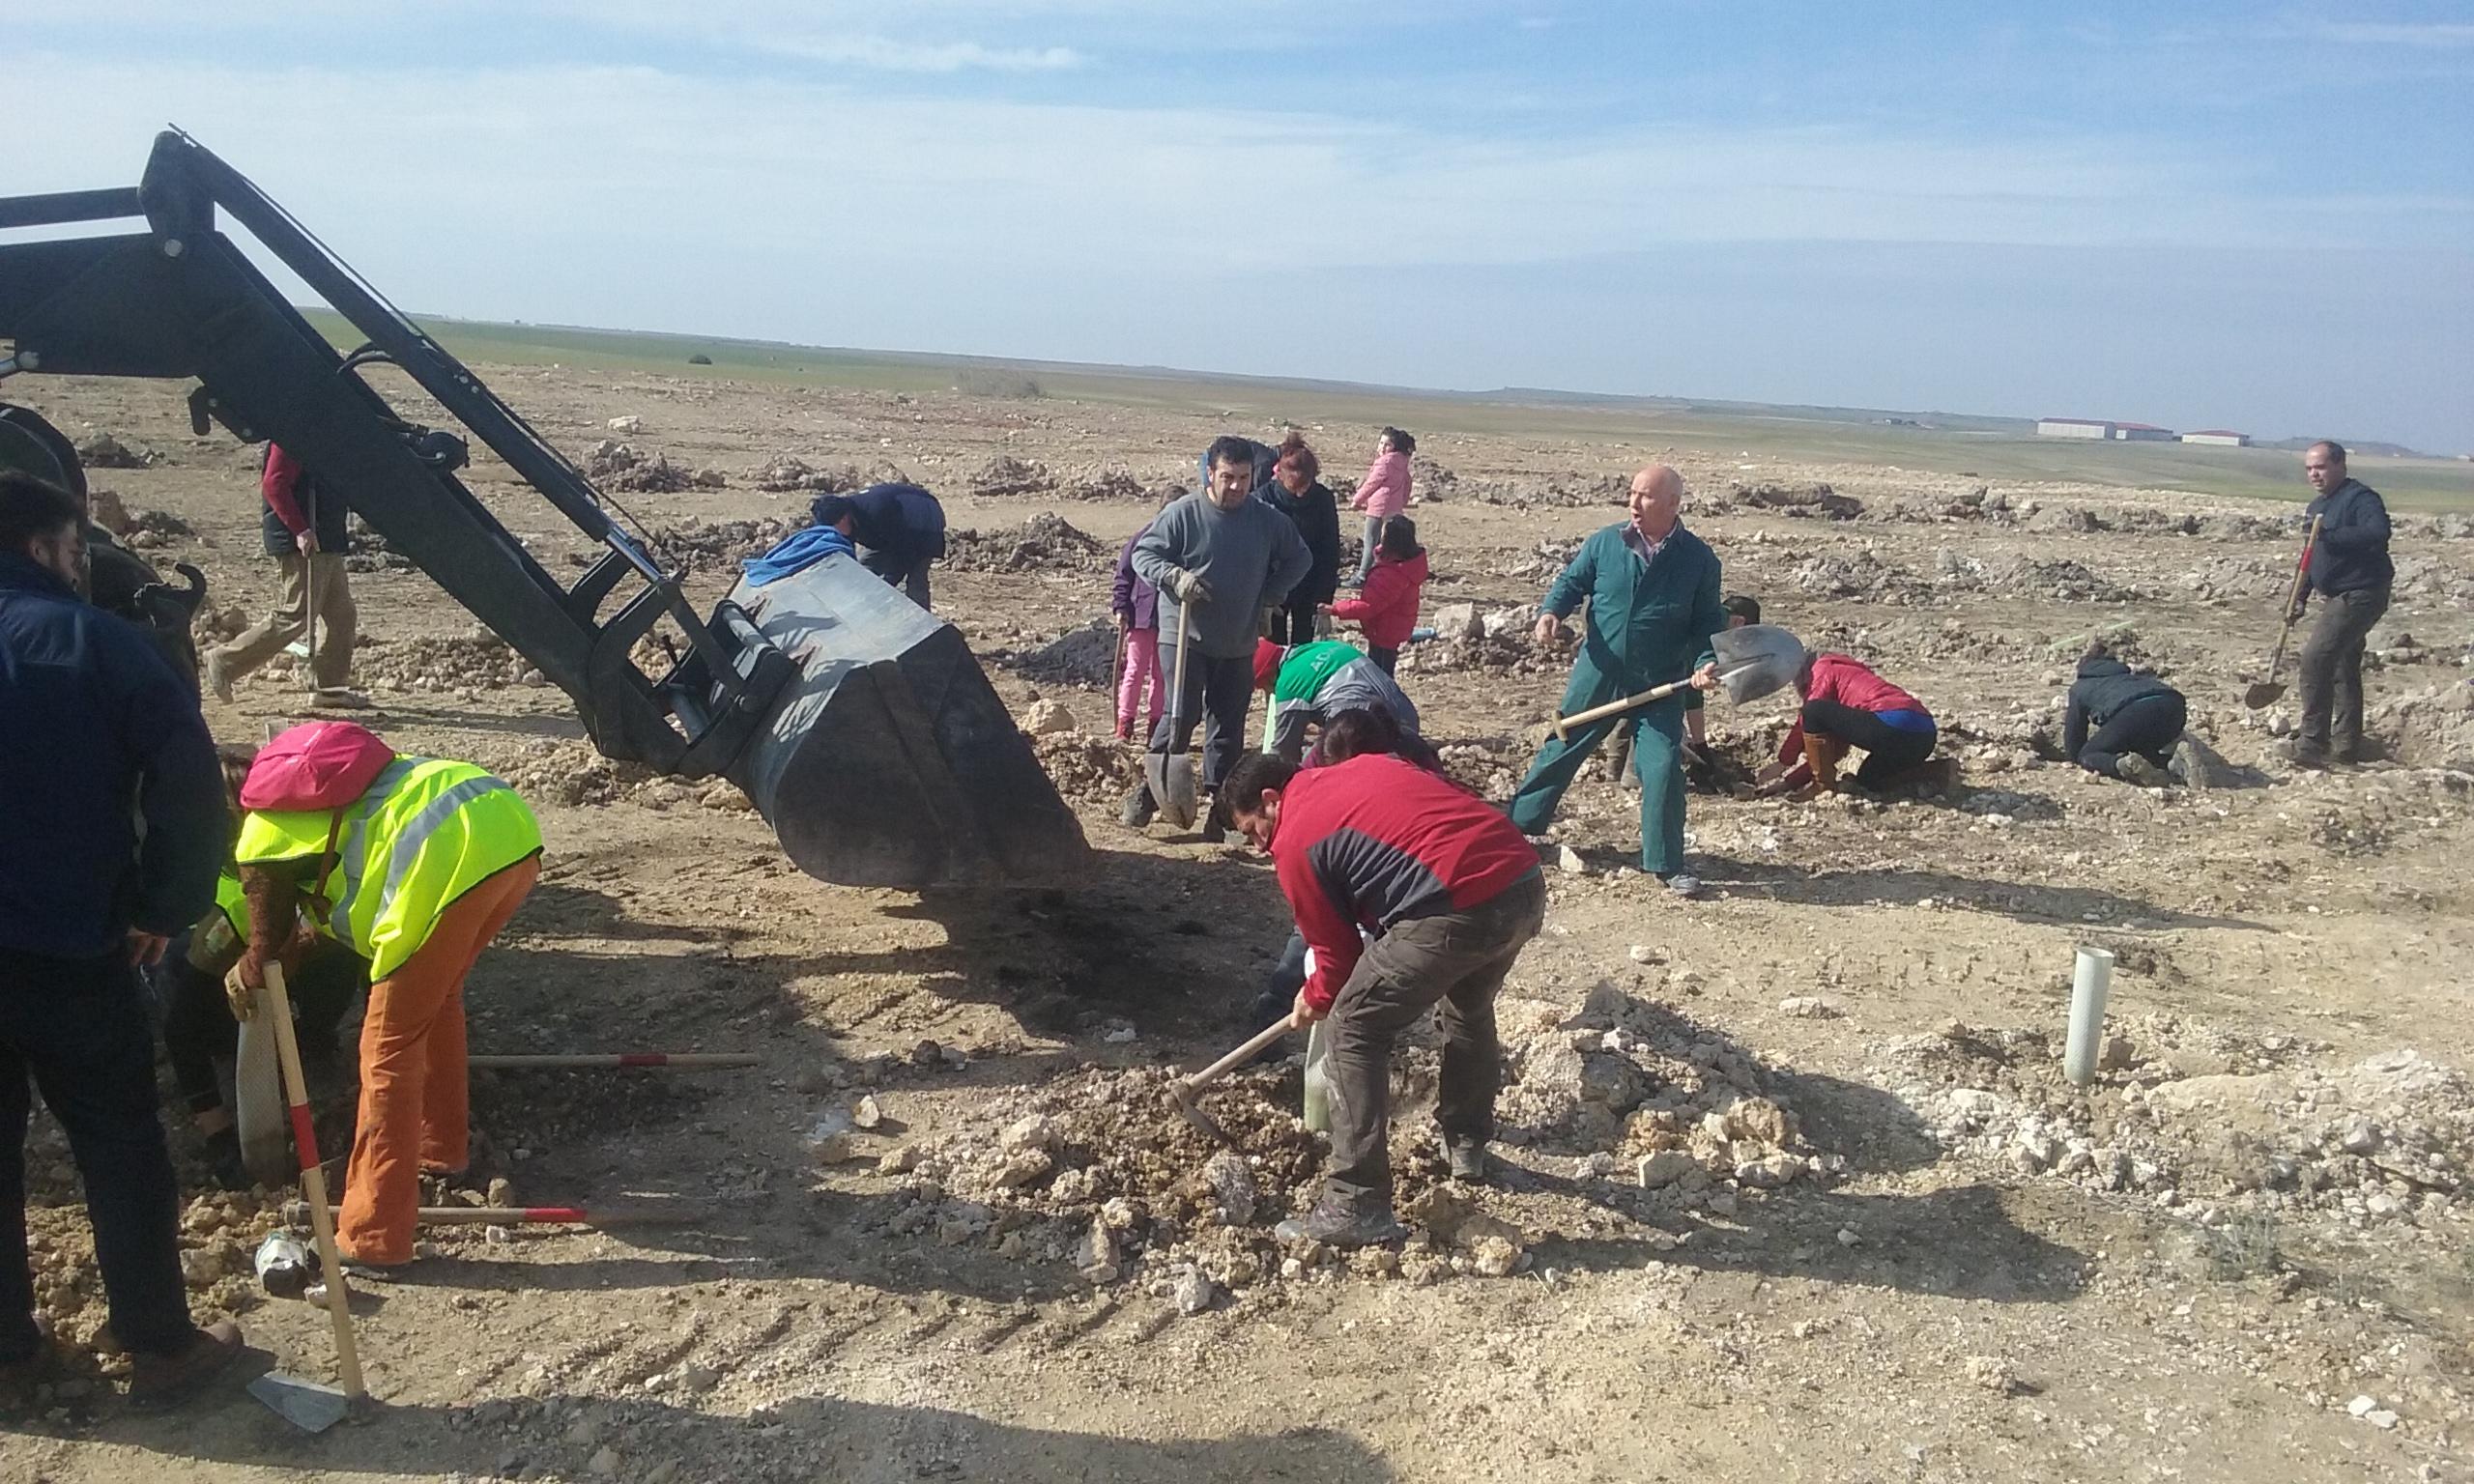 Vecinos de Villafruela (Burgos) y voluntarios trabajan en la restauración ambiental de una escombrera. Imagen: Grefa